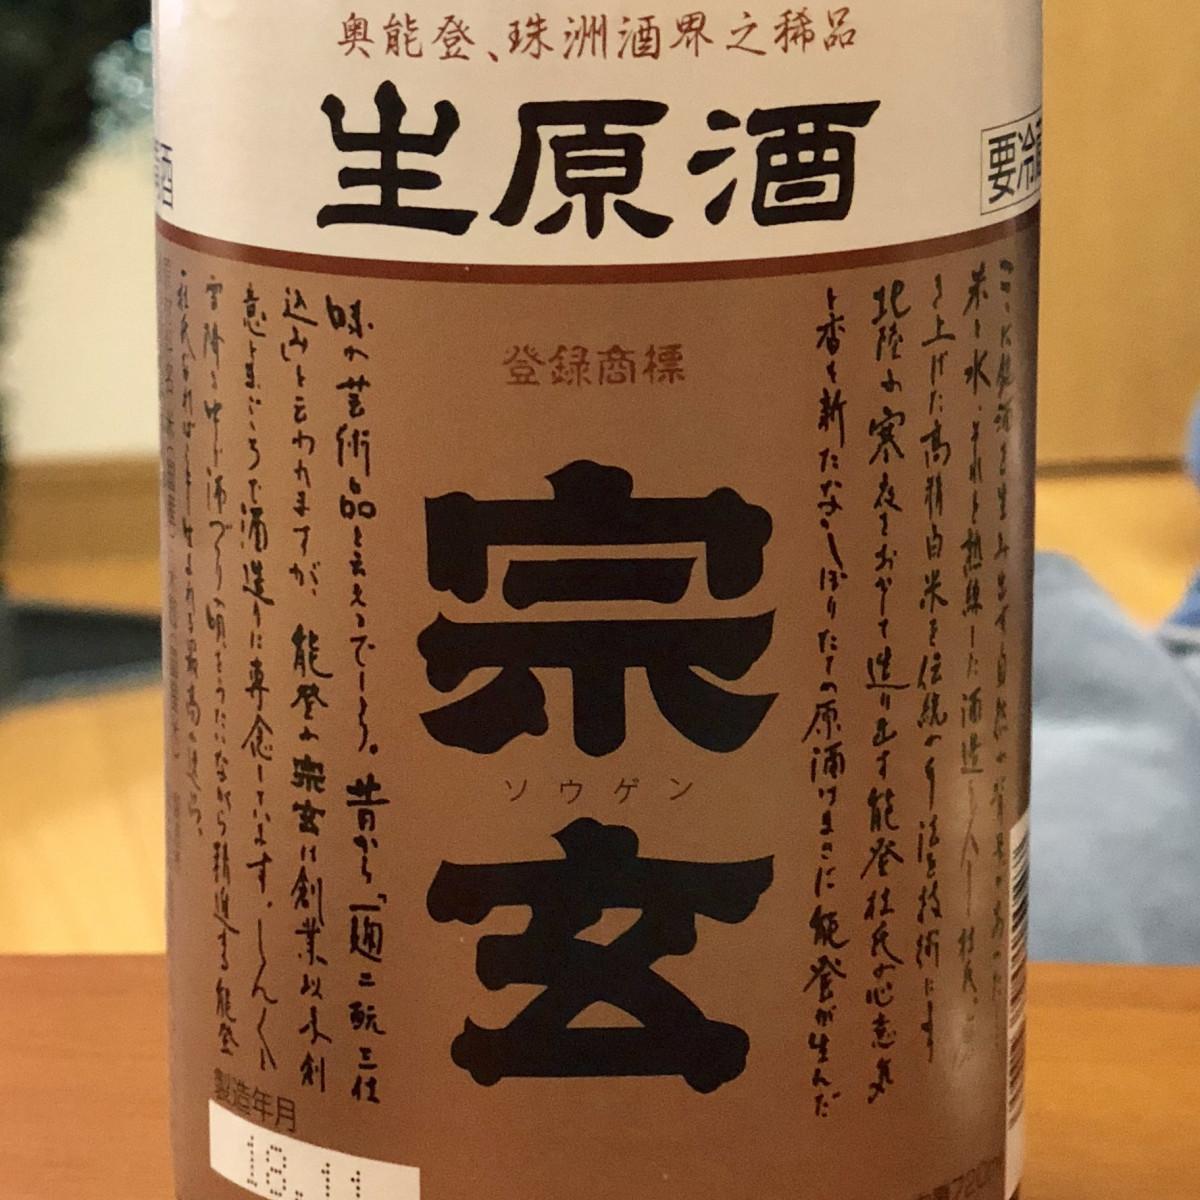 【女子旅】贅沢温泉宿で浴衣女子旅!美味すぎる日本酒情報も*吉祥やまなかレポート前編_1_6